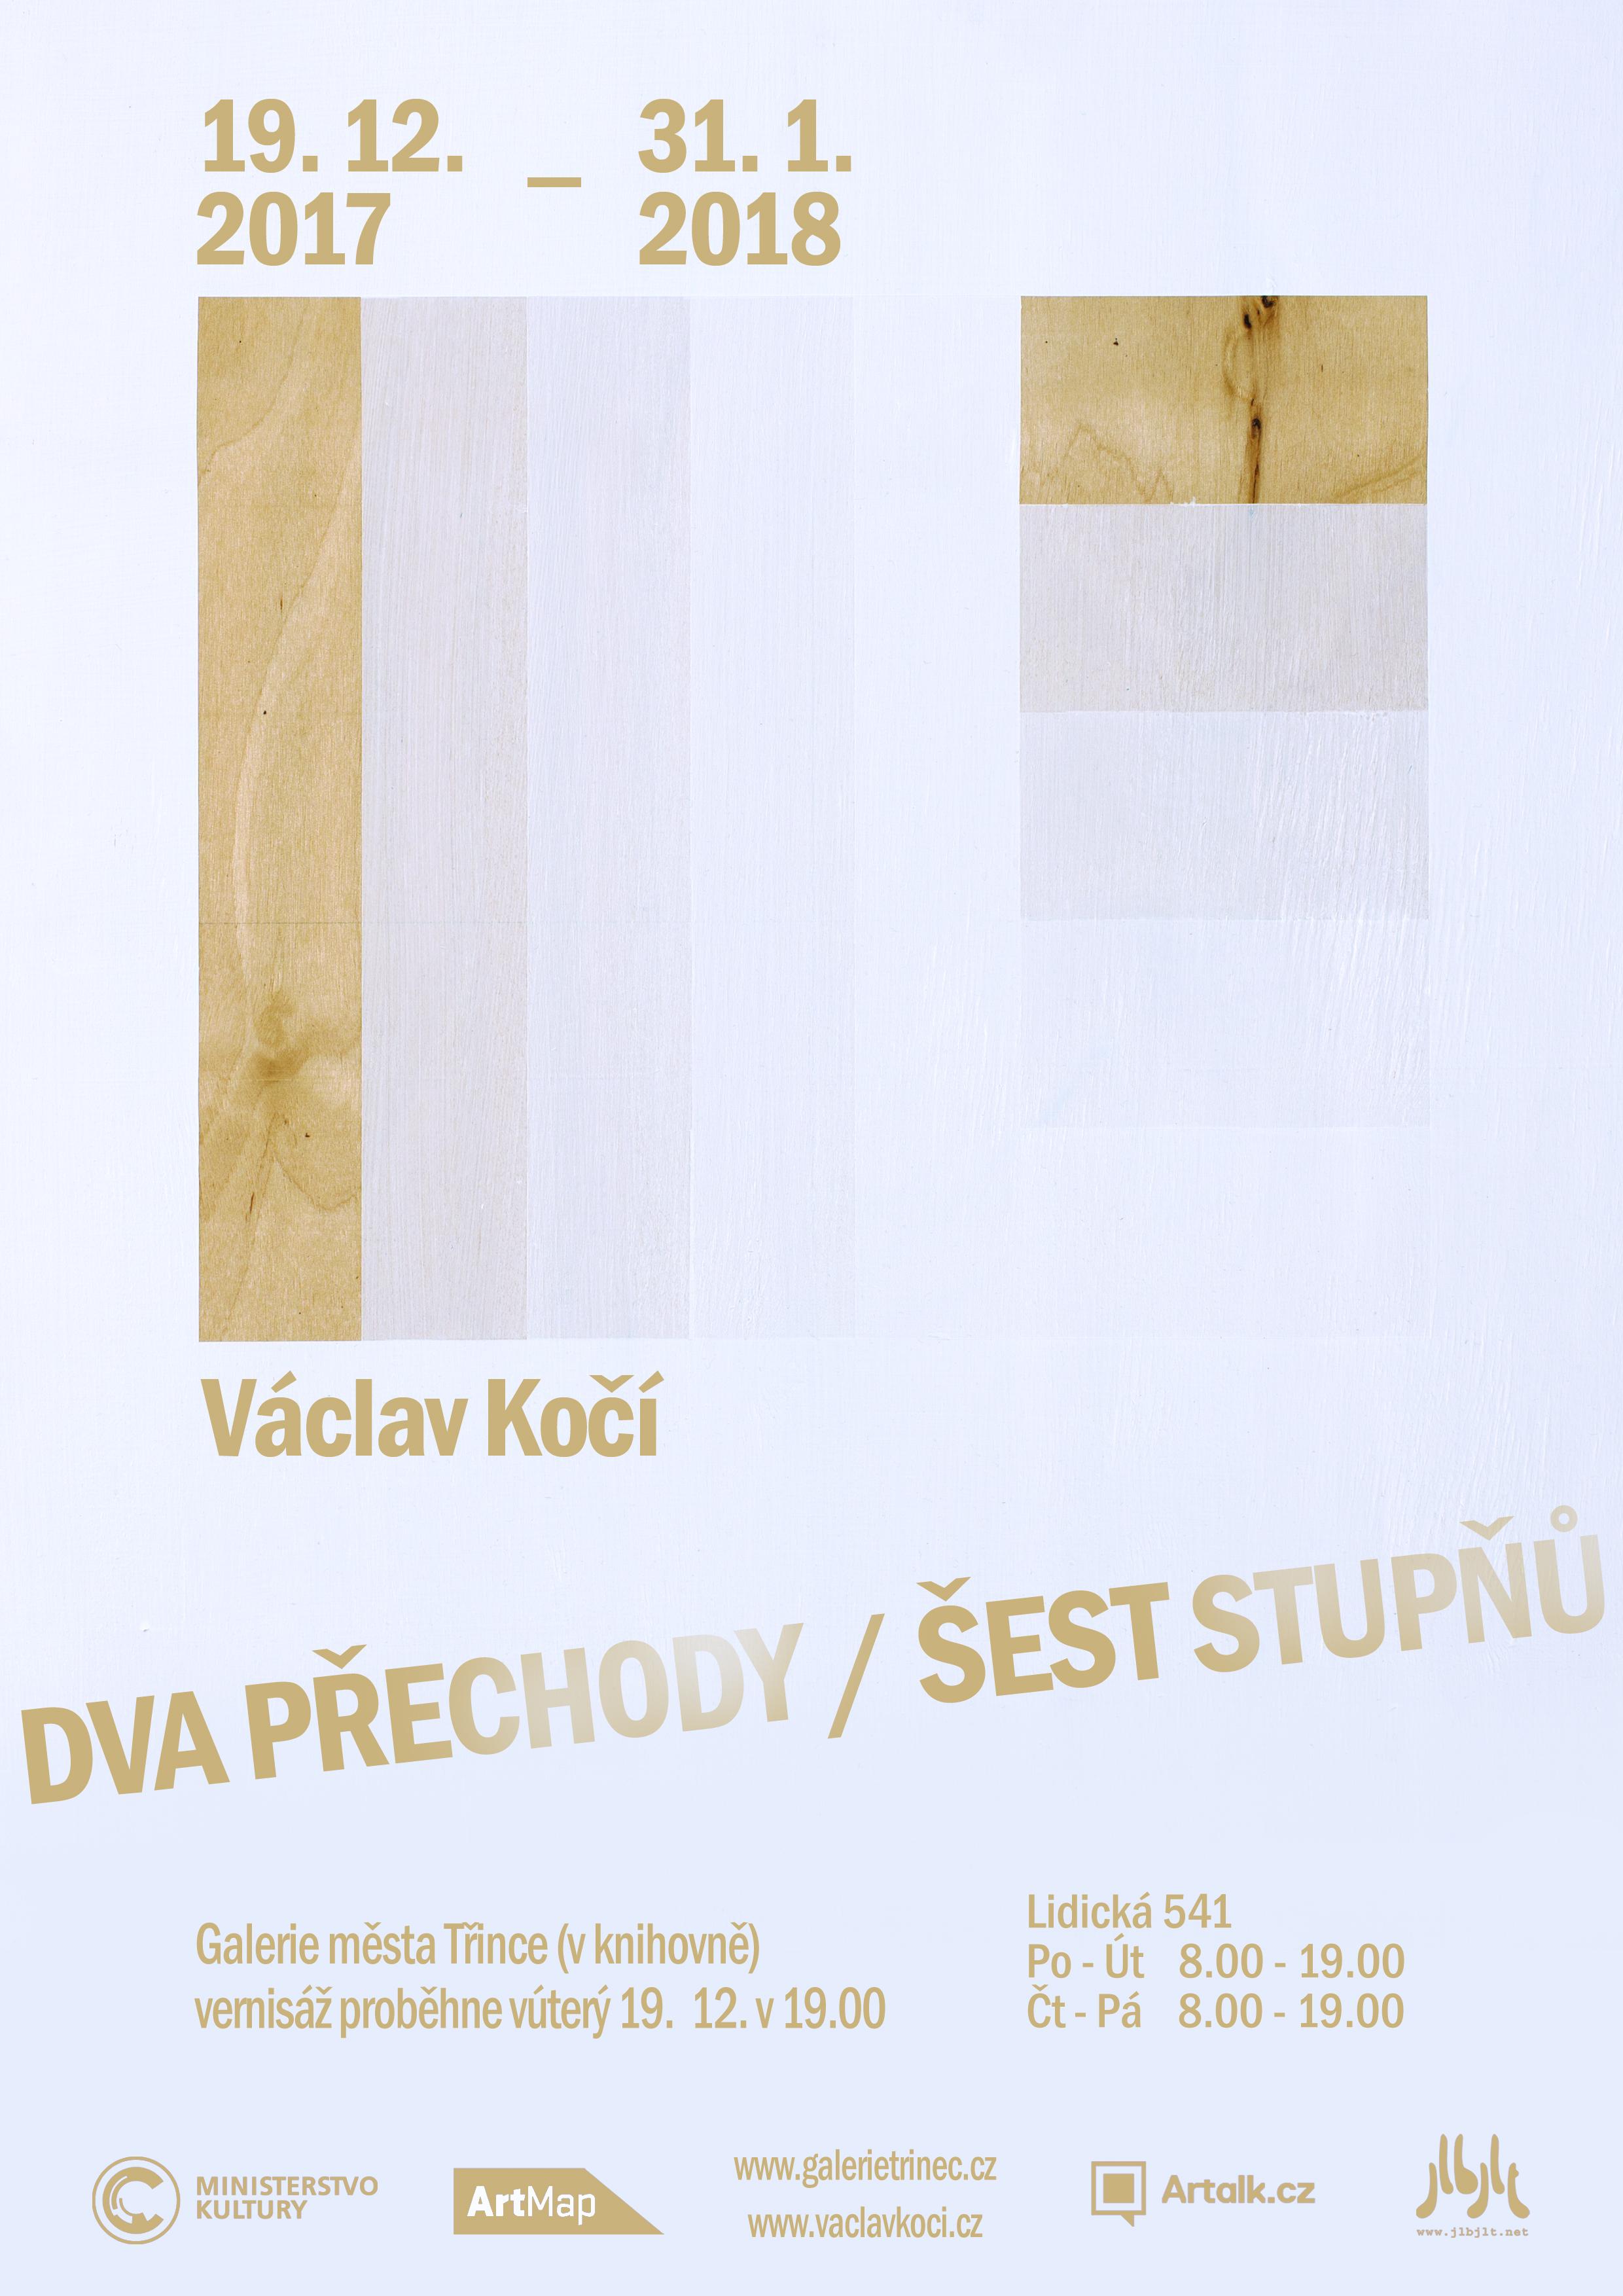 Václav Kočí: Dva přechody / šest stupňů